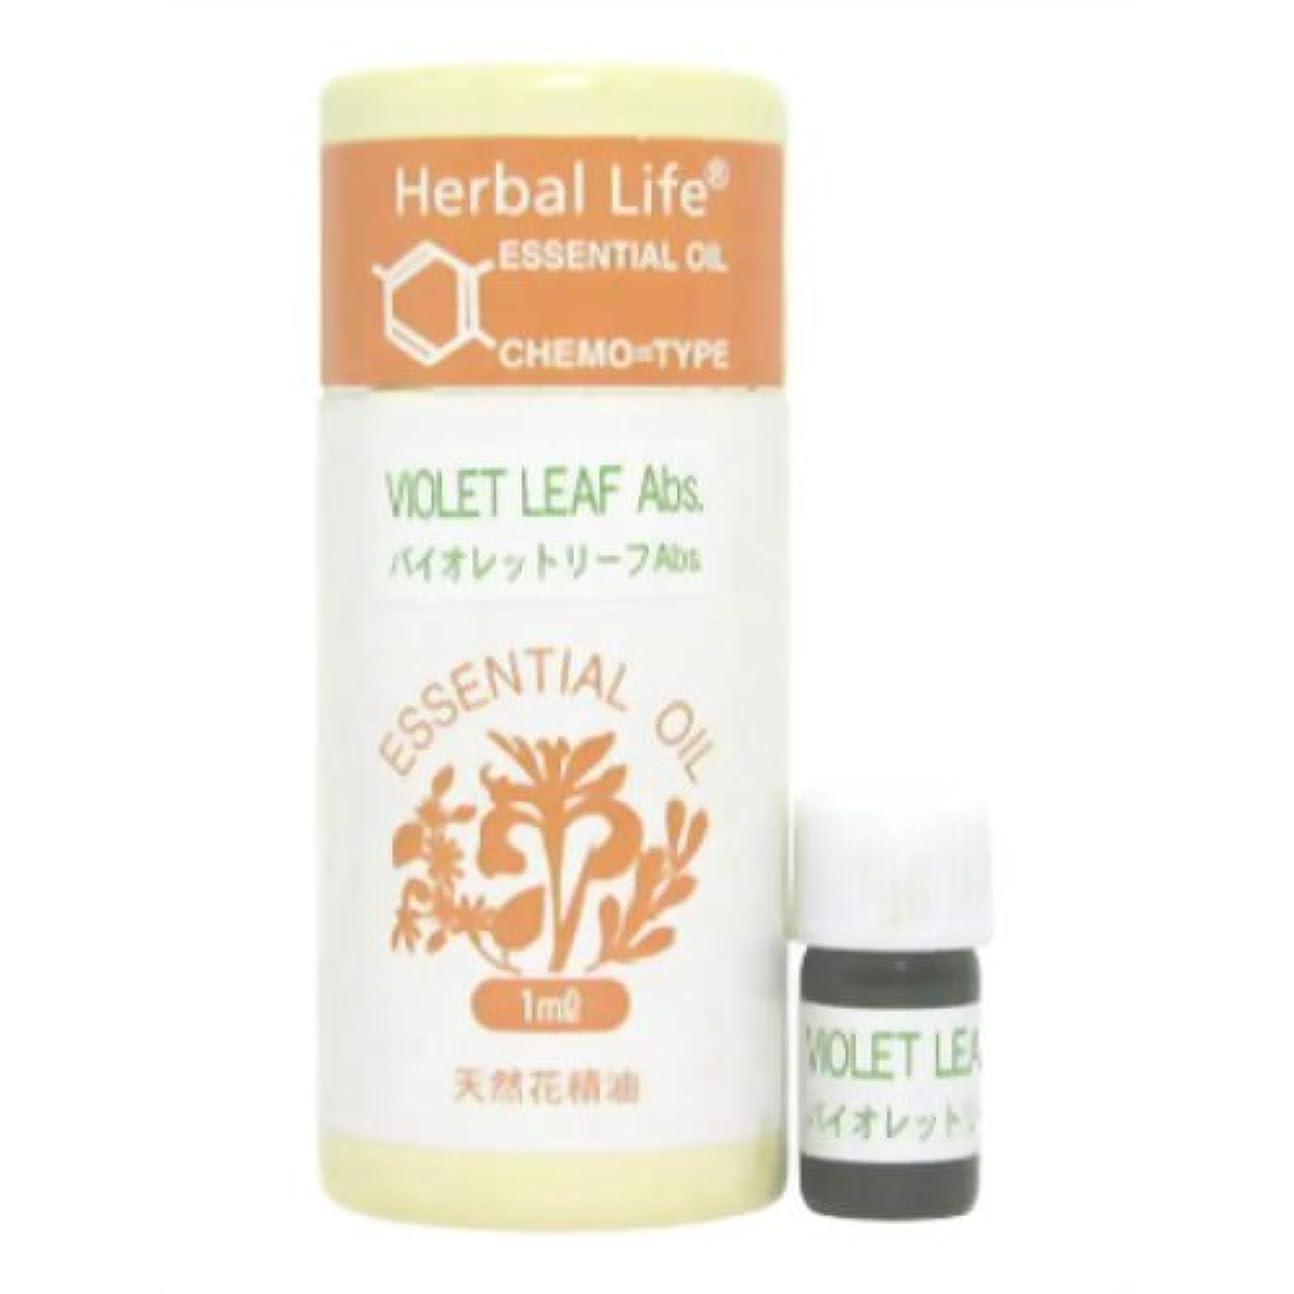 必需品アート水生活の木 Herbal Life バイオレットリーフAbs 1ml 癒し用品 アロマオイル?精油 花の精油?フローラル系の香り [並行輸入品]